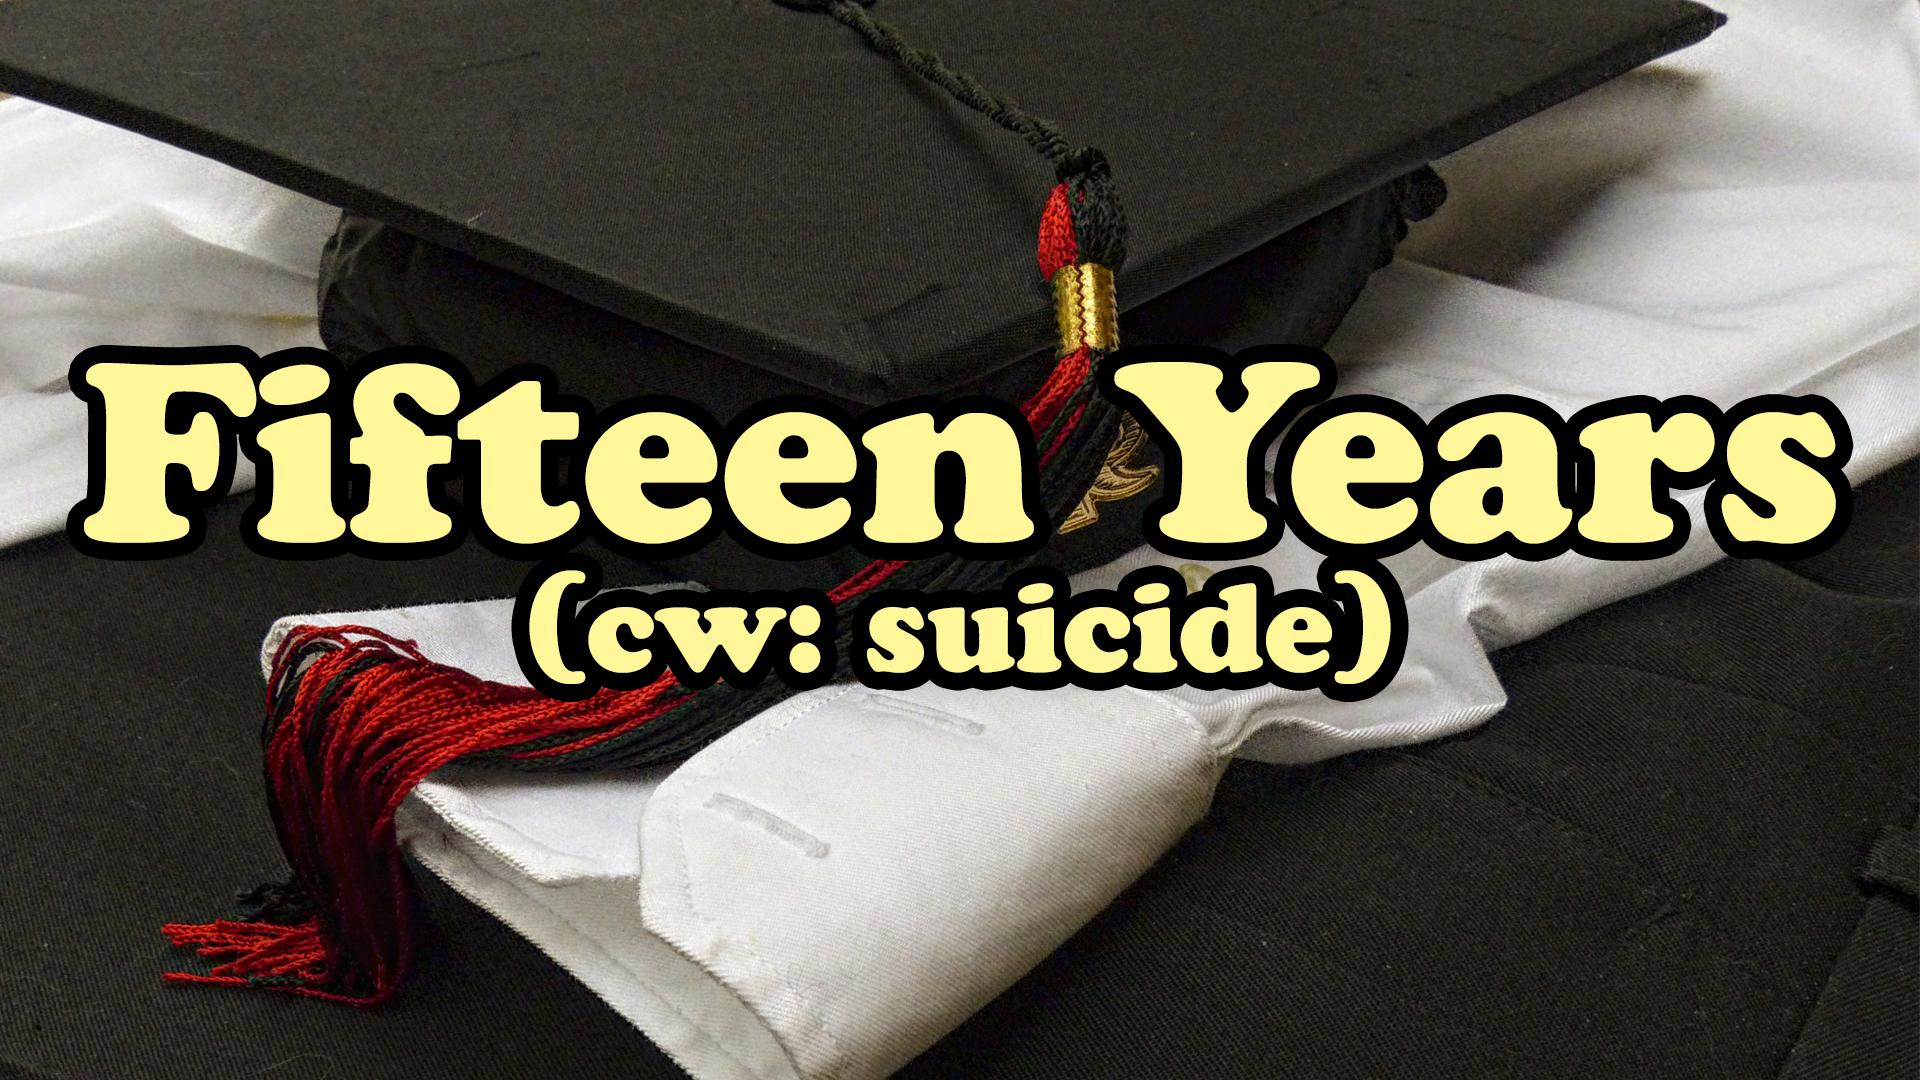 2018-06-07 Fifteen Years